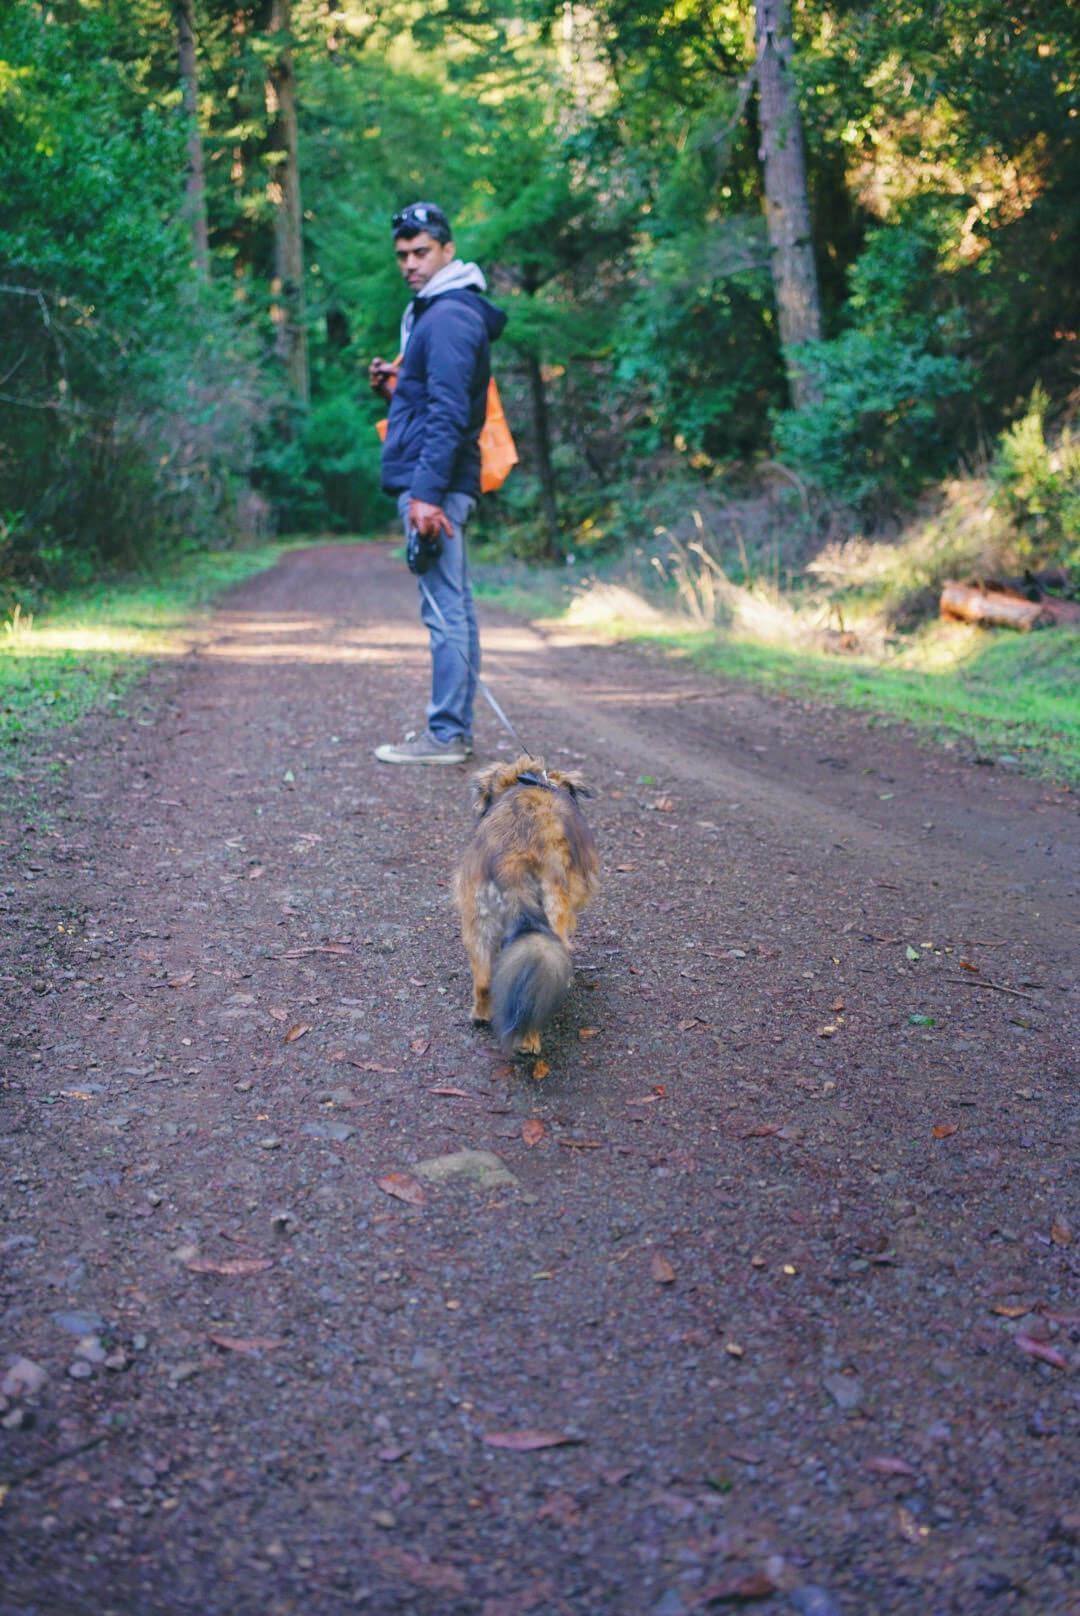 Cross marin trail is a dog friendly hiking trail in Lagunitas